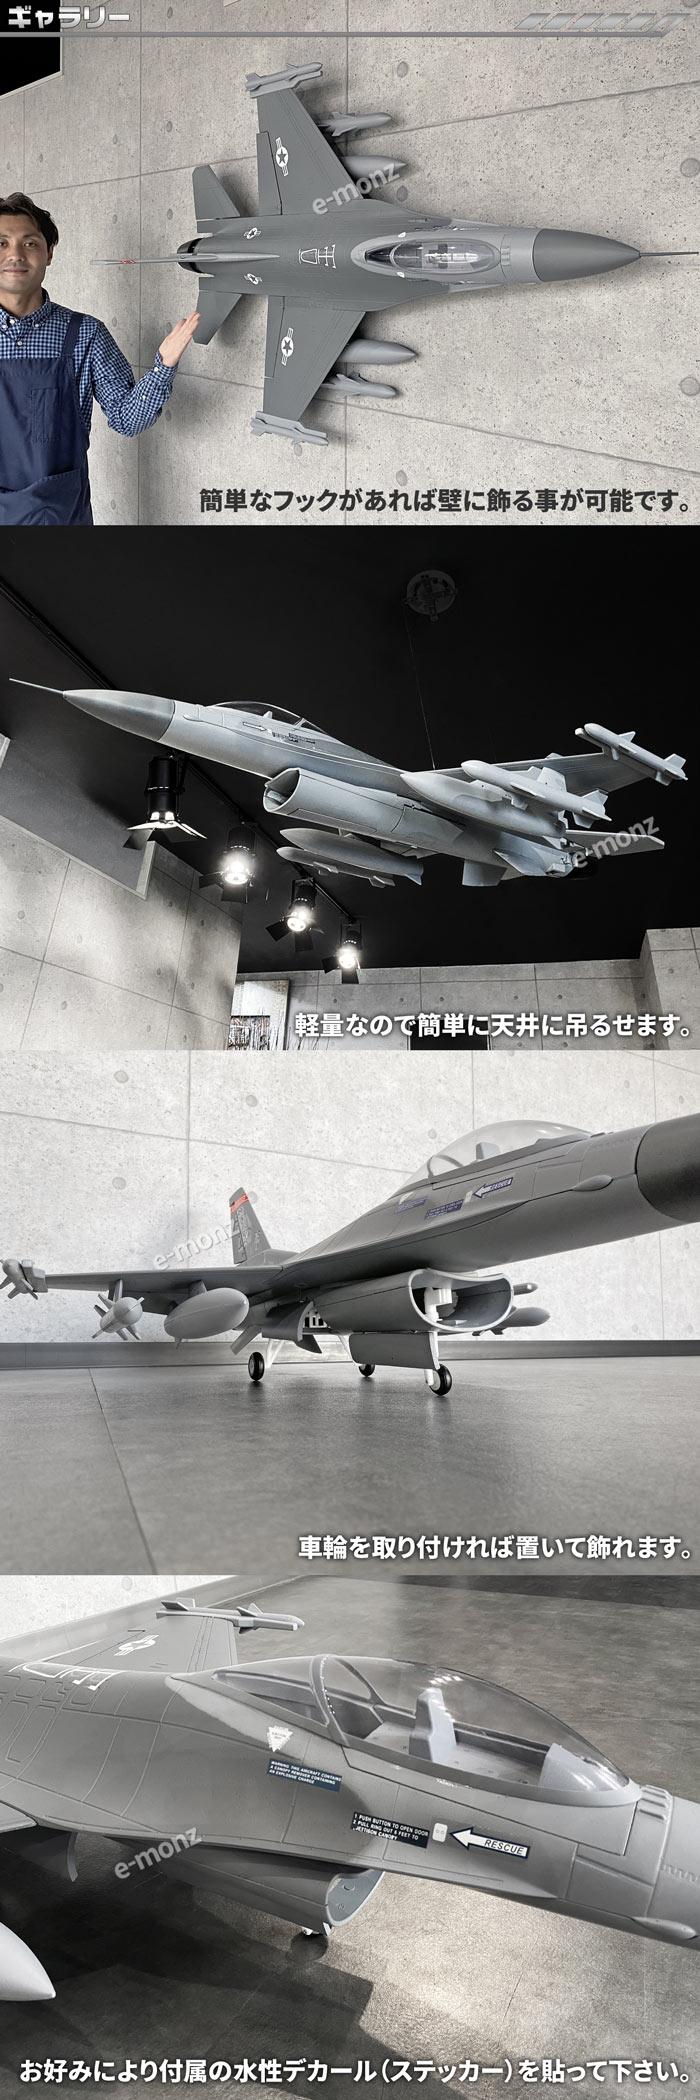 戦闘機模型 F-16